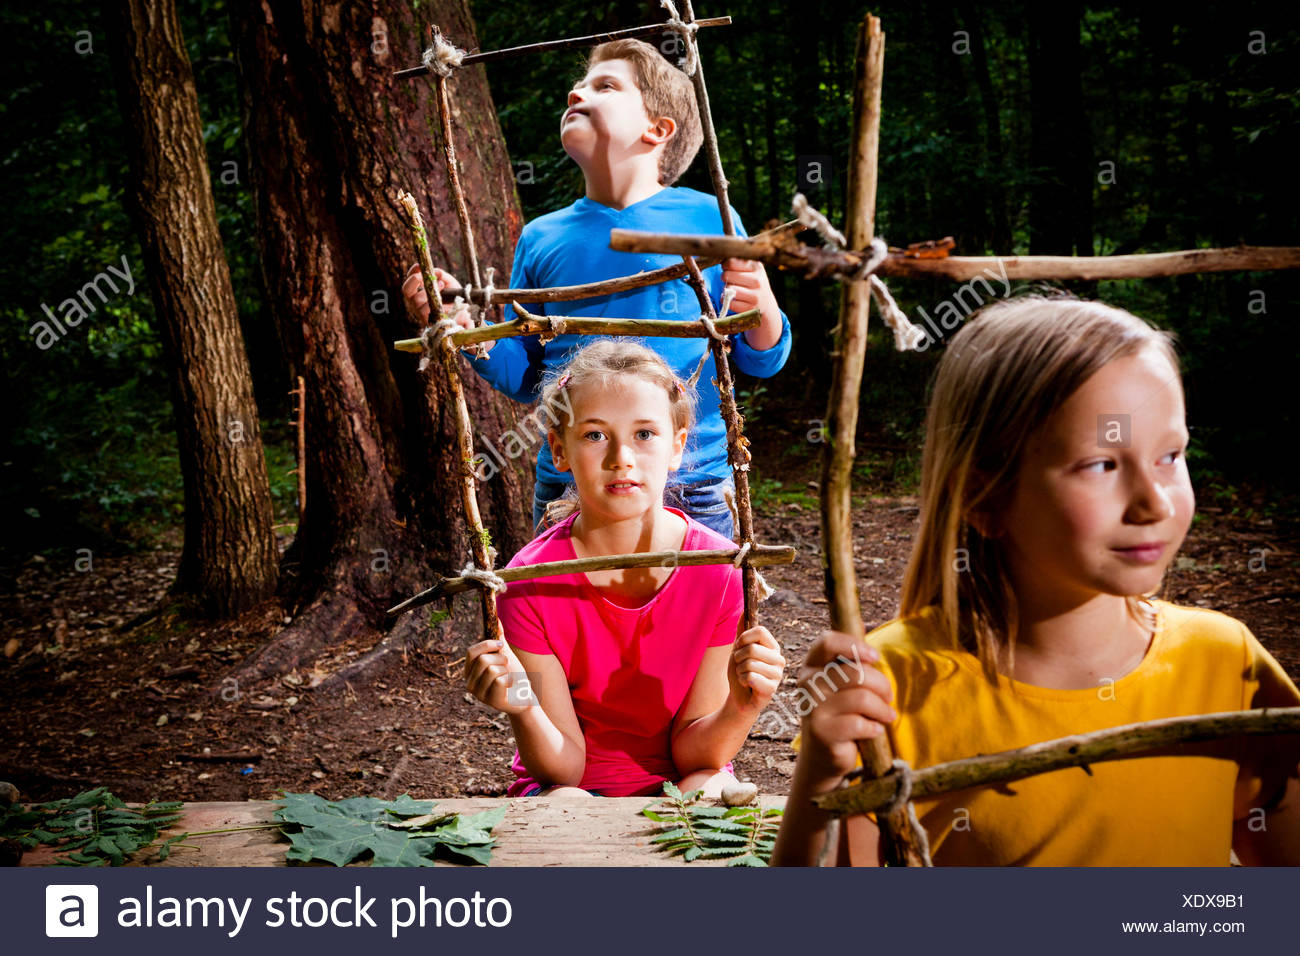 Les enfants dans un camp forestier, Munich, Bavière, Allemagne Photo Stock